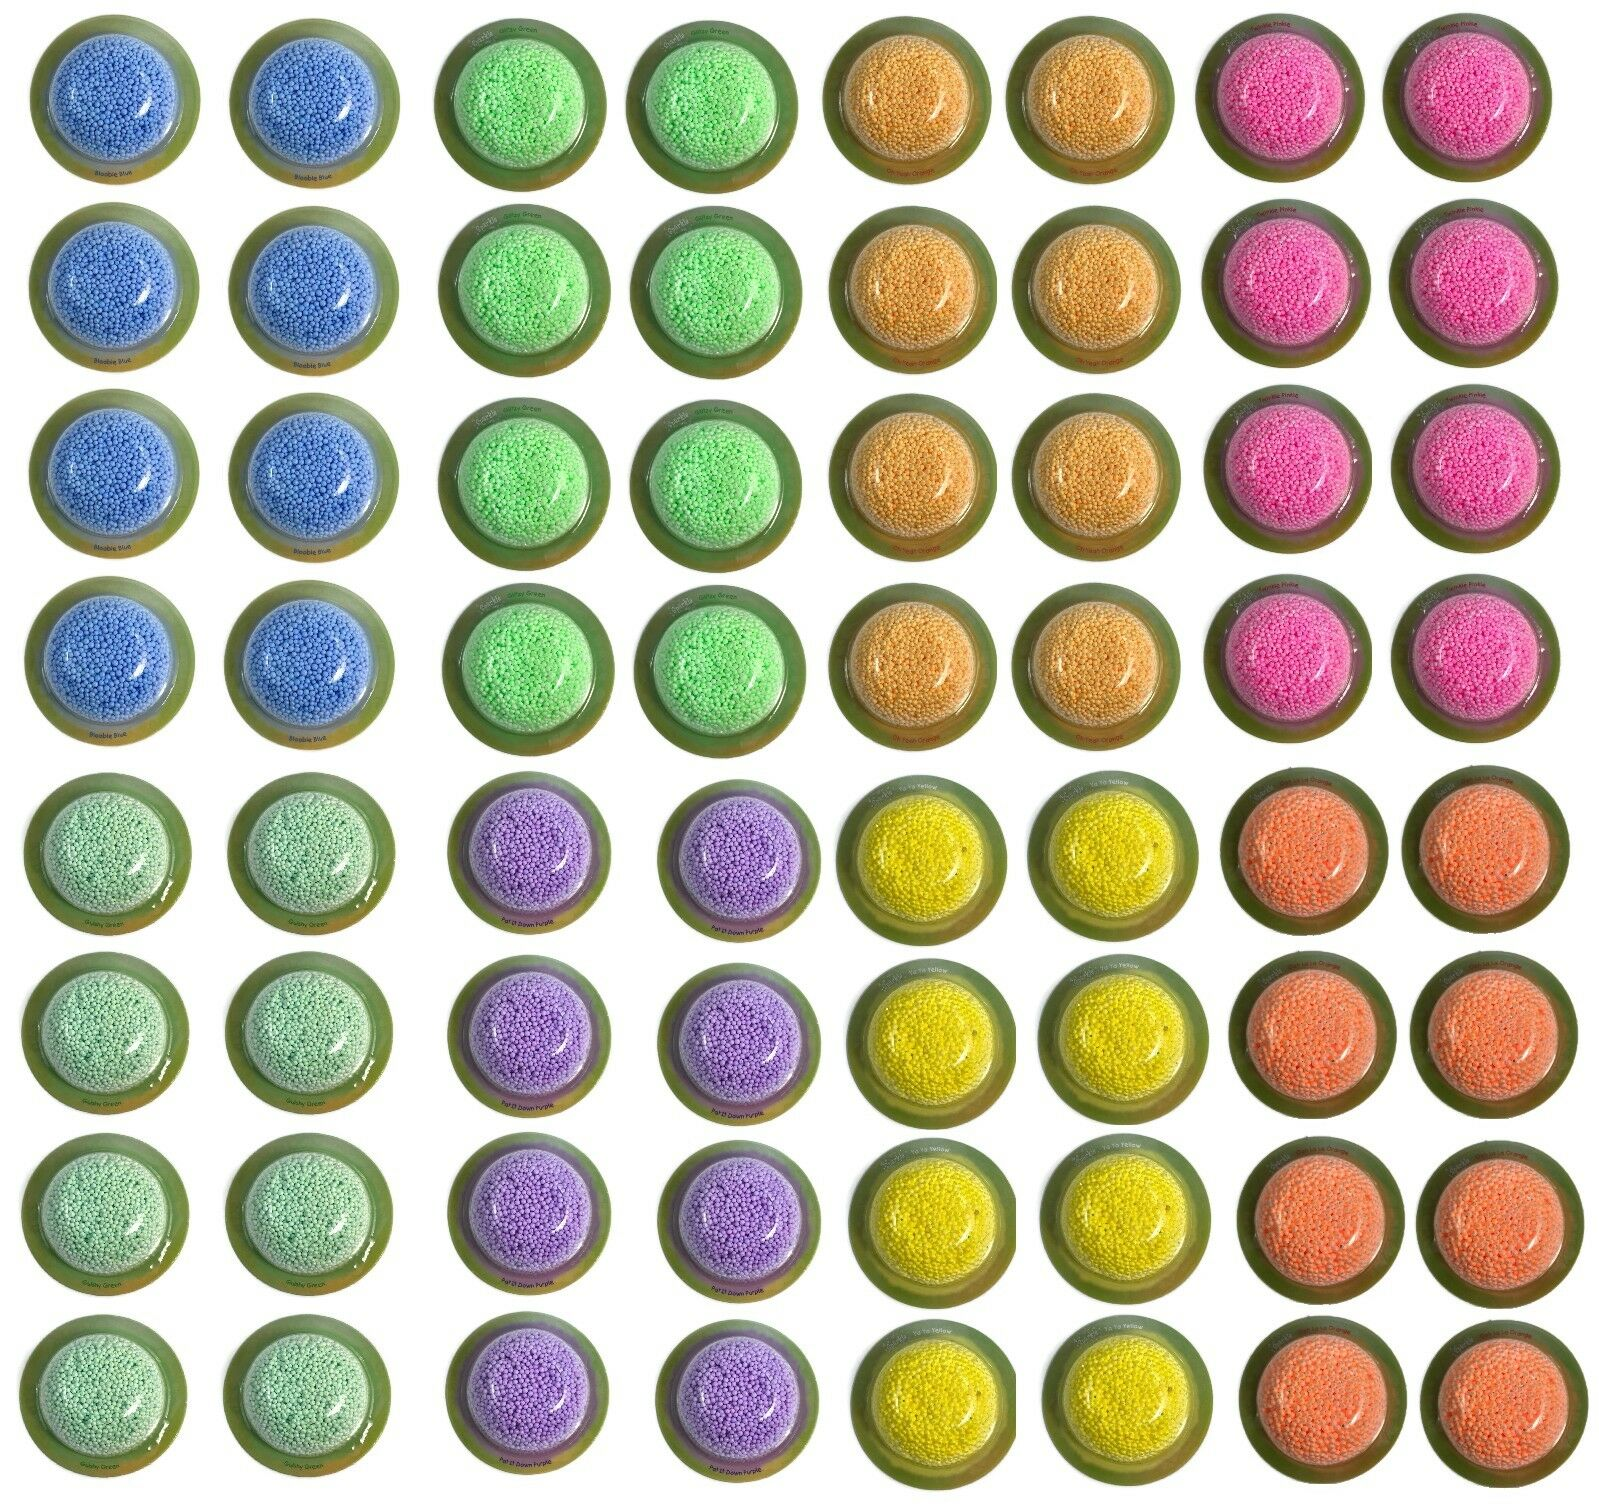 64 pcs Individual Play Foam Pods Tactile Sensory Toy Kids Autism Fidget